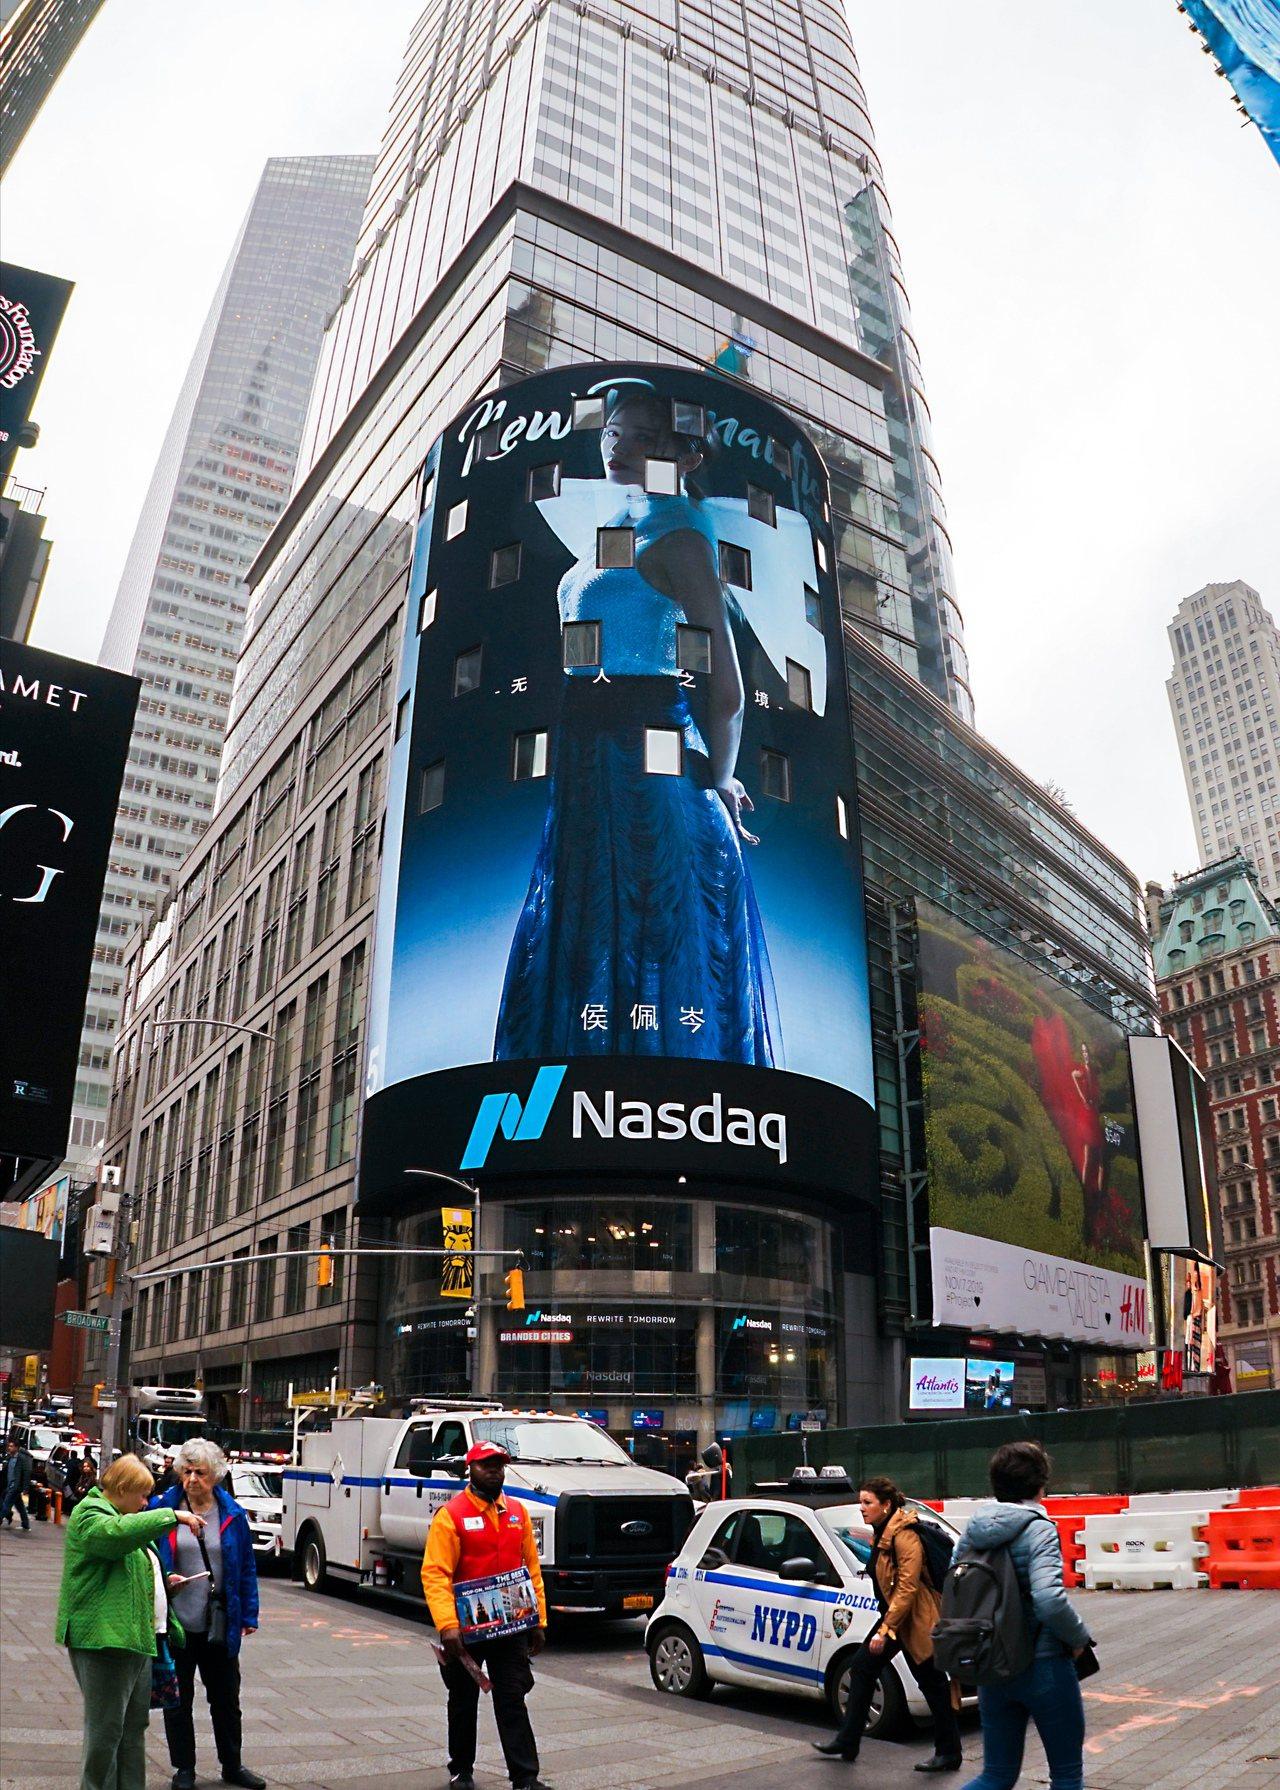 侯佩岑以新漫潮雜誌封面登上紐約時代廣場的電子看板。圖/福隆經紀製作公司提供